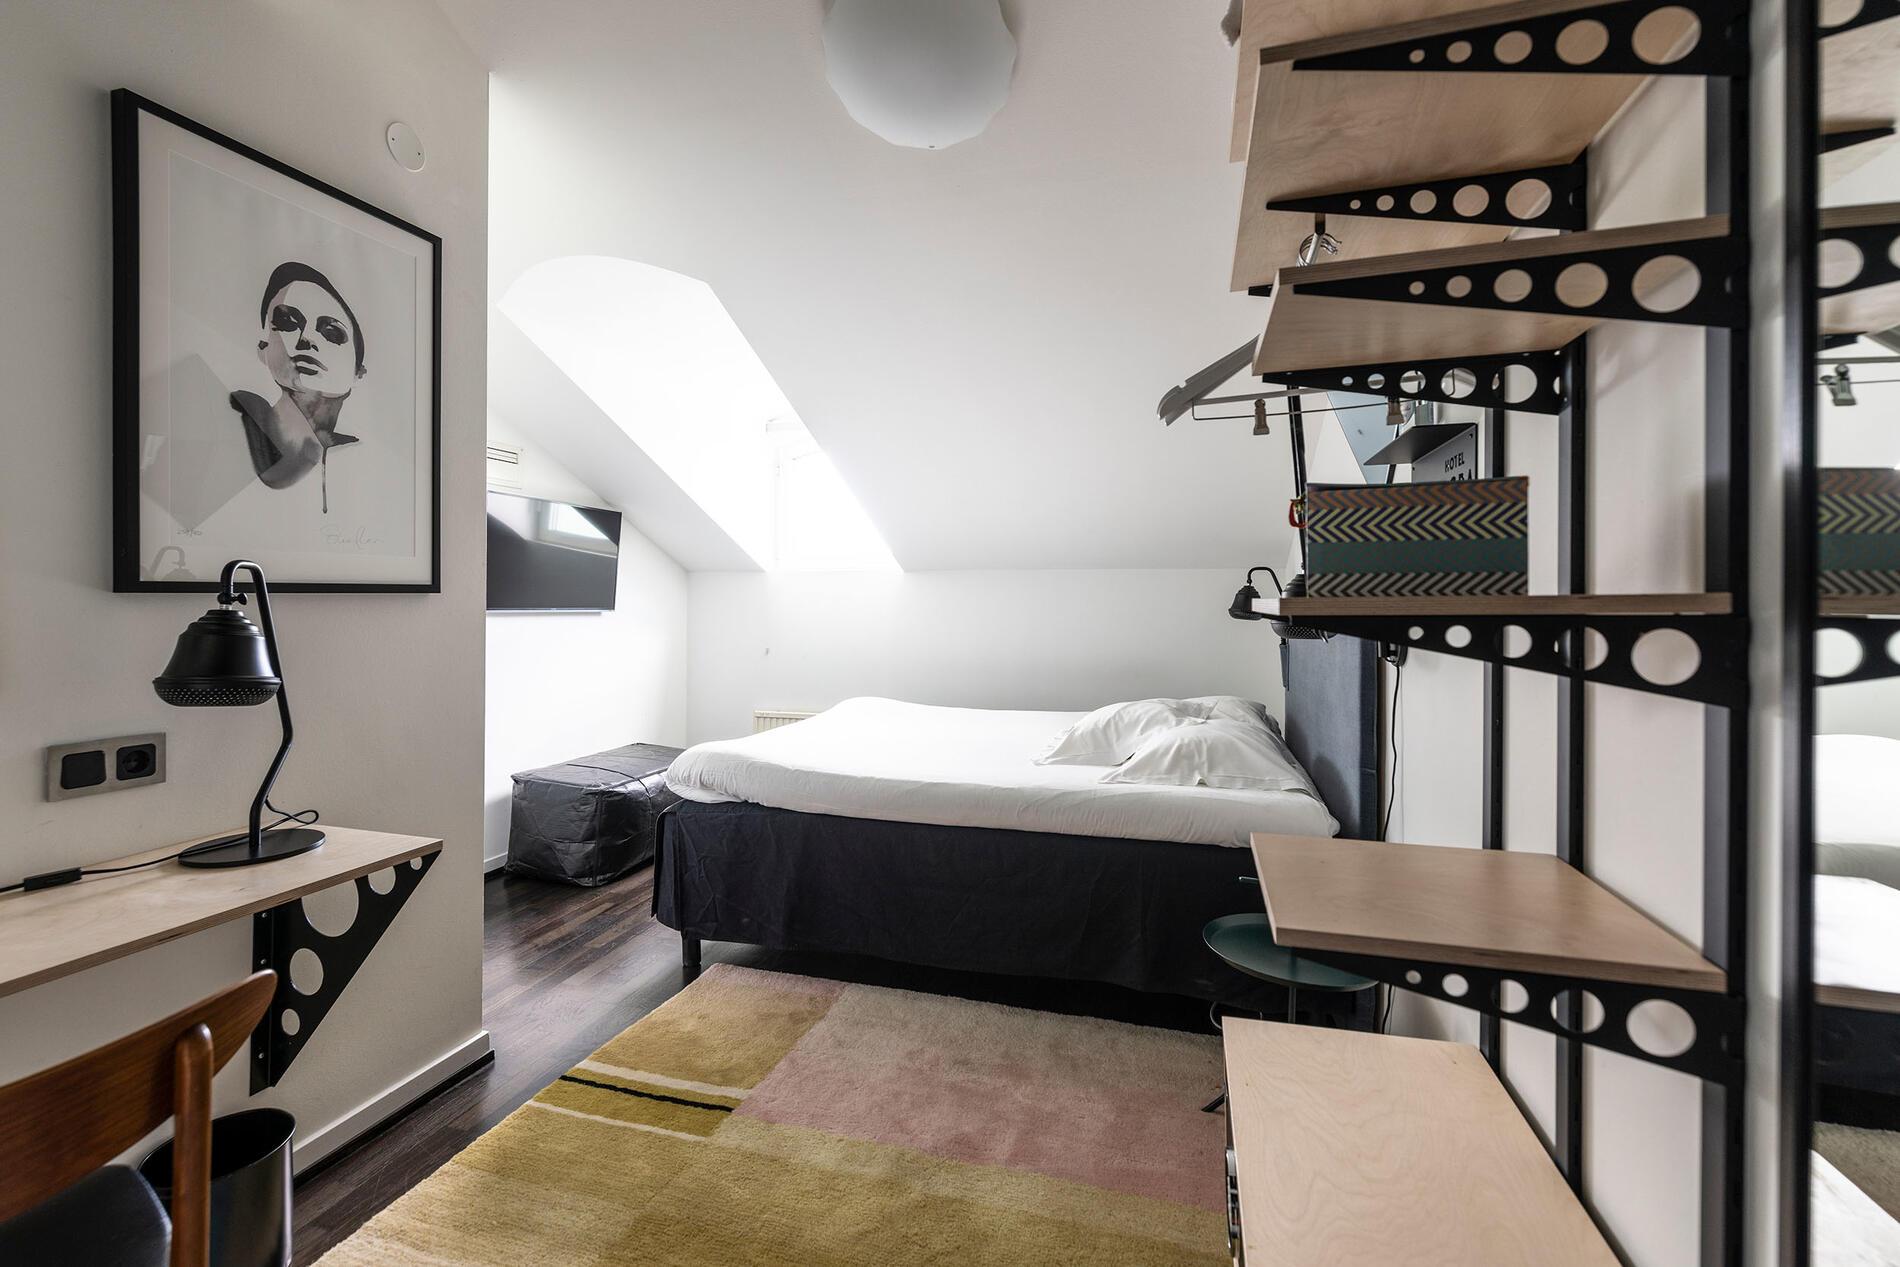 Bedroom at Hotel Flora in Gothenburg, Sweden